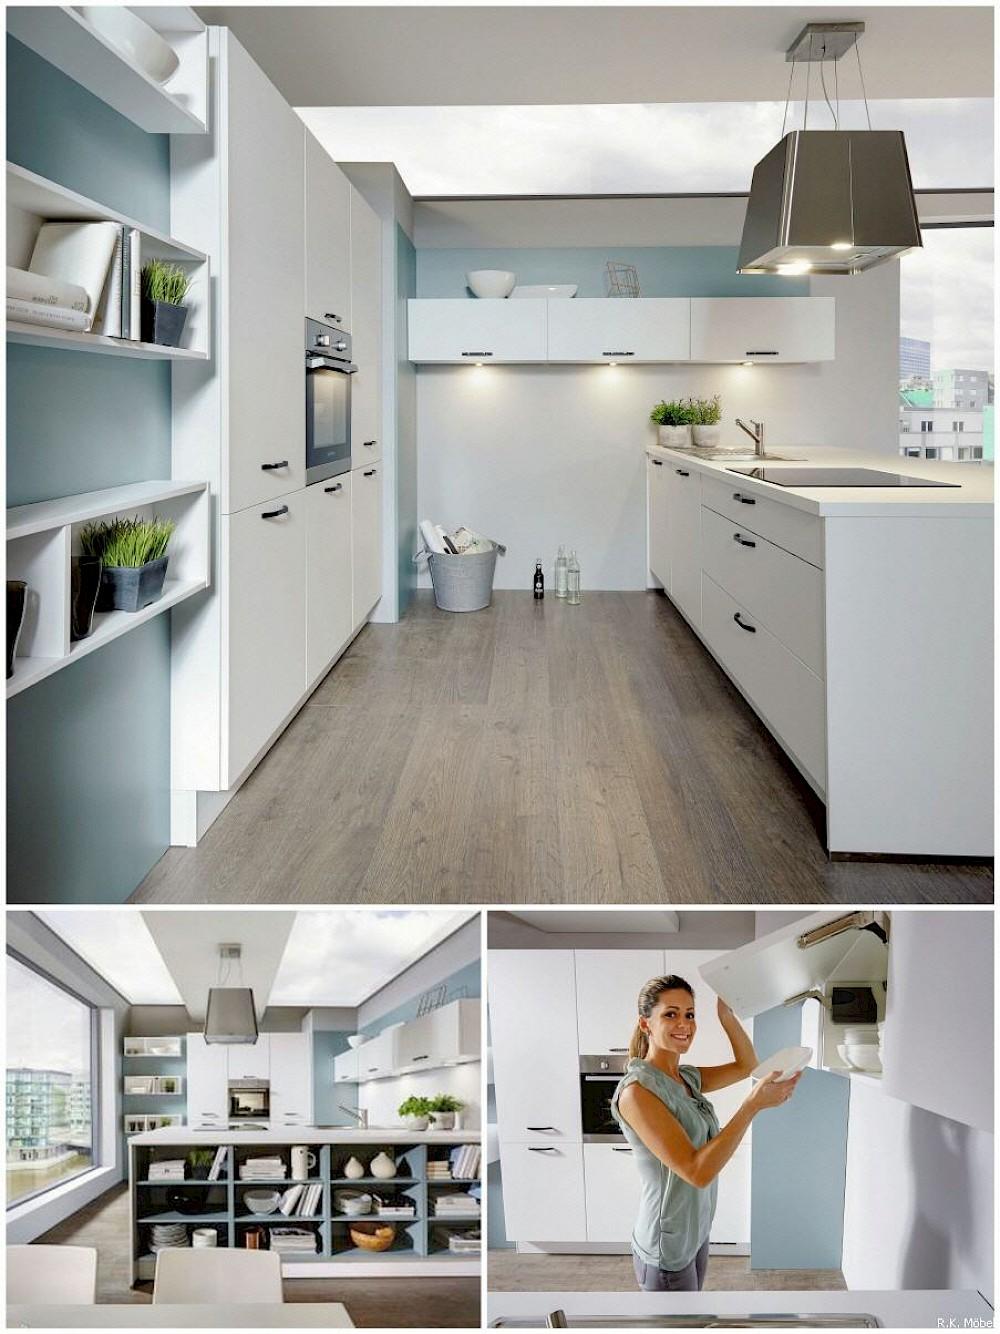 Full Size of Kleine Einbauküche Mit Waschmaschine Kleine Einbauküche Mit Elektrogeräten Kleine Einbauküche Kaufen Einbauküche Für Kleine Räume Küche Kleine Einbauküche